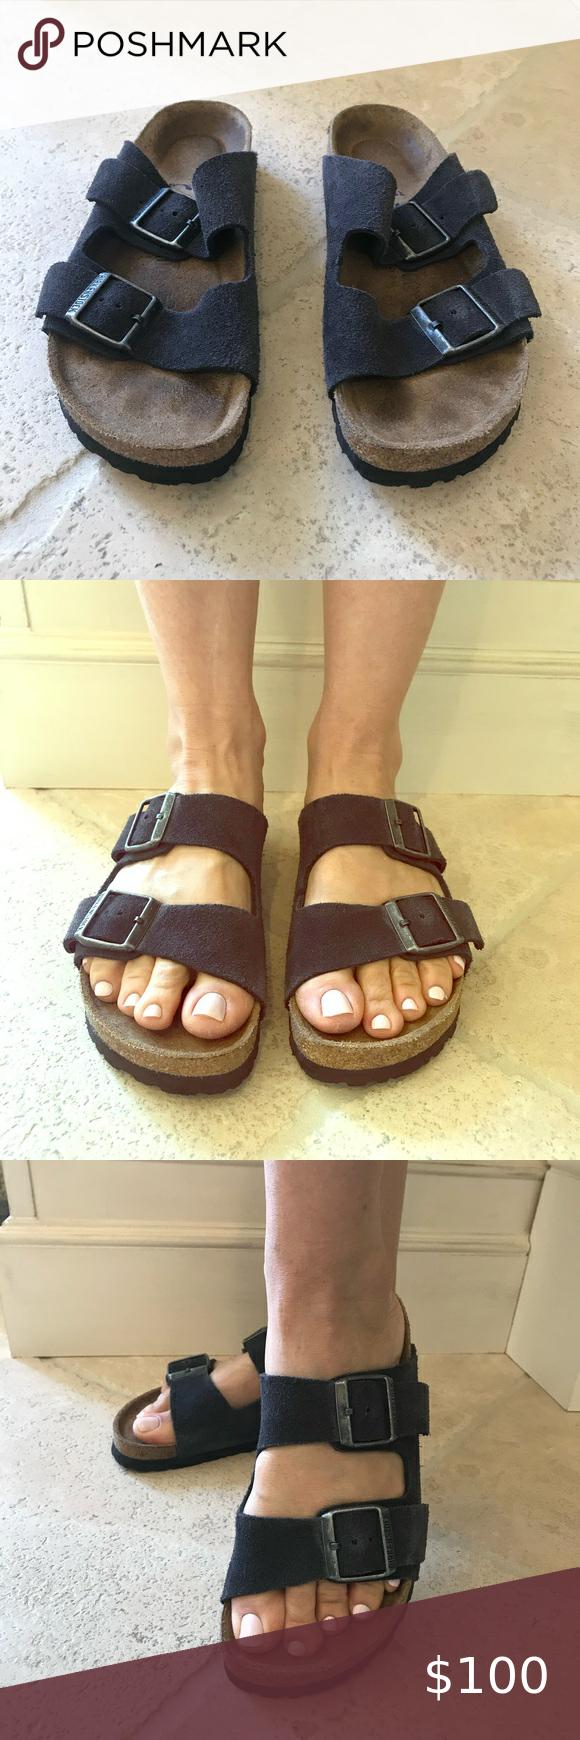 Birkenstock Sandals. Charcoal Grey